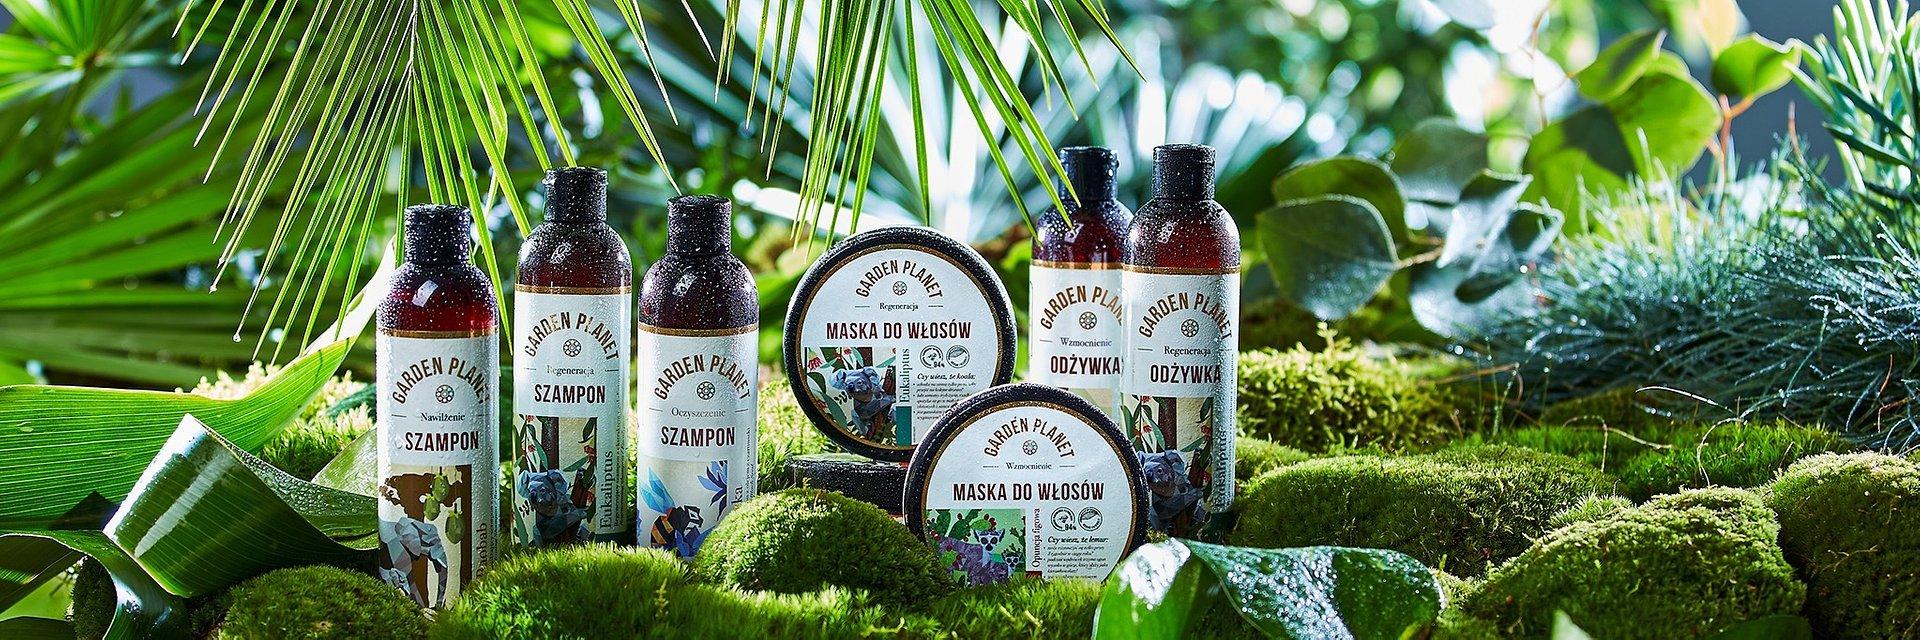 Garden Planet, nowa naturalna marka do pielęgnacji włosów od Kontigo